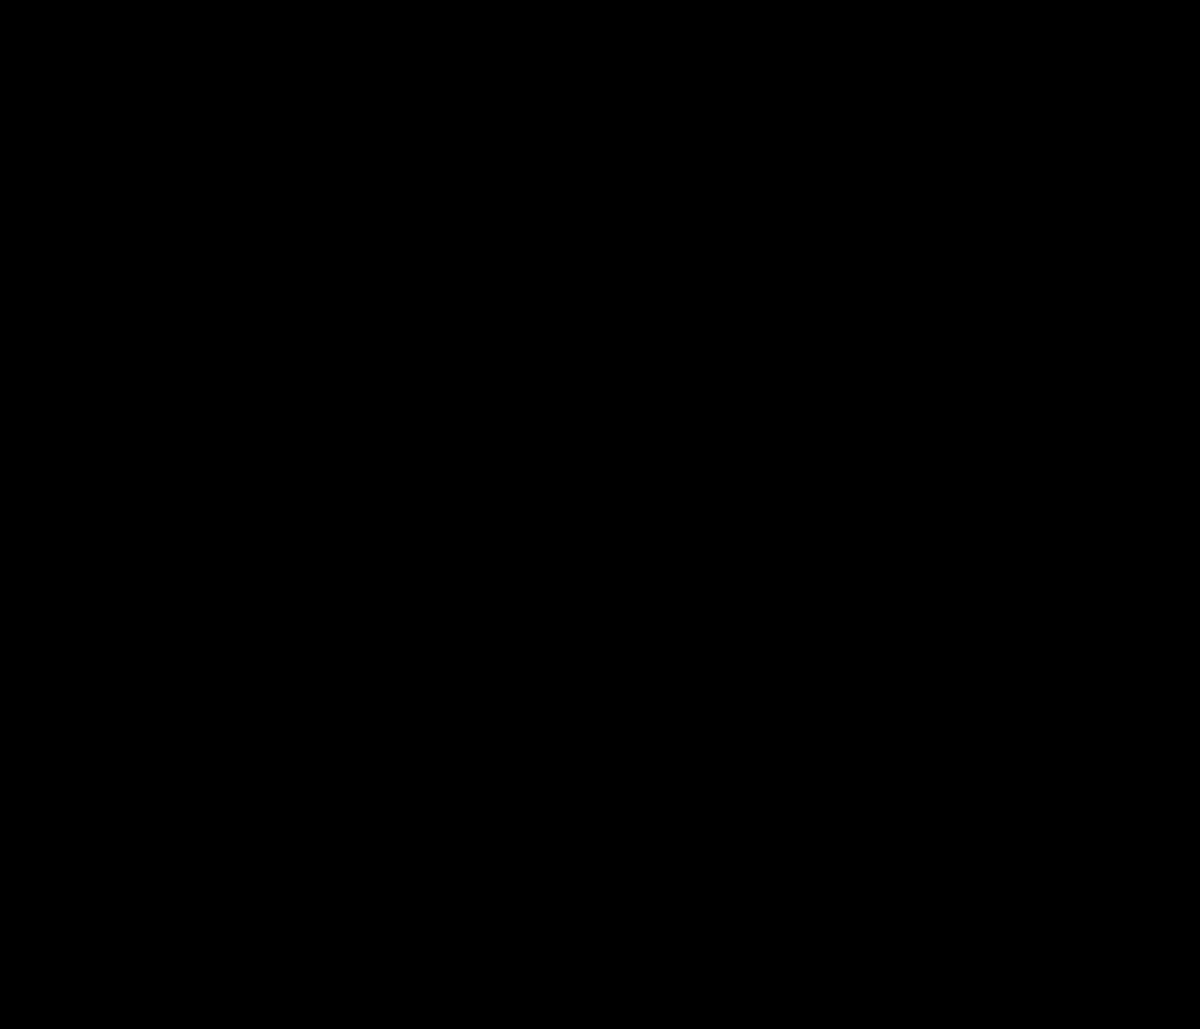 Formule chimique acide picrique